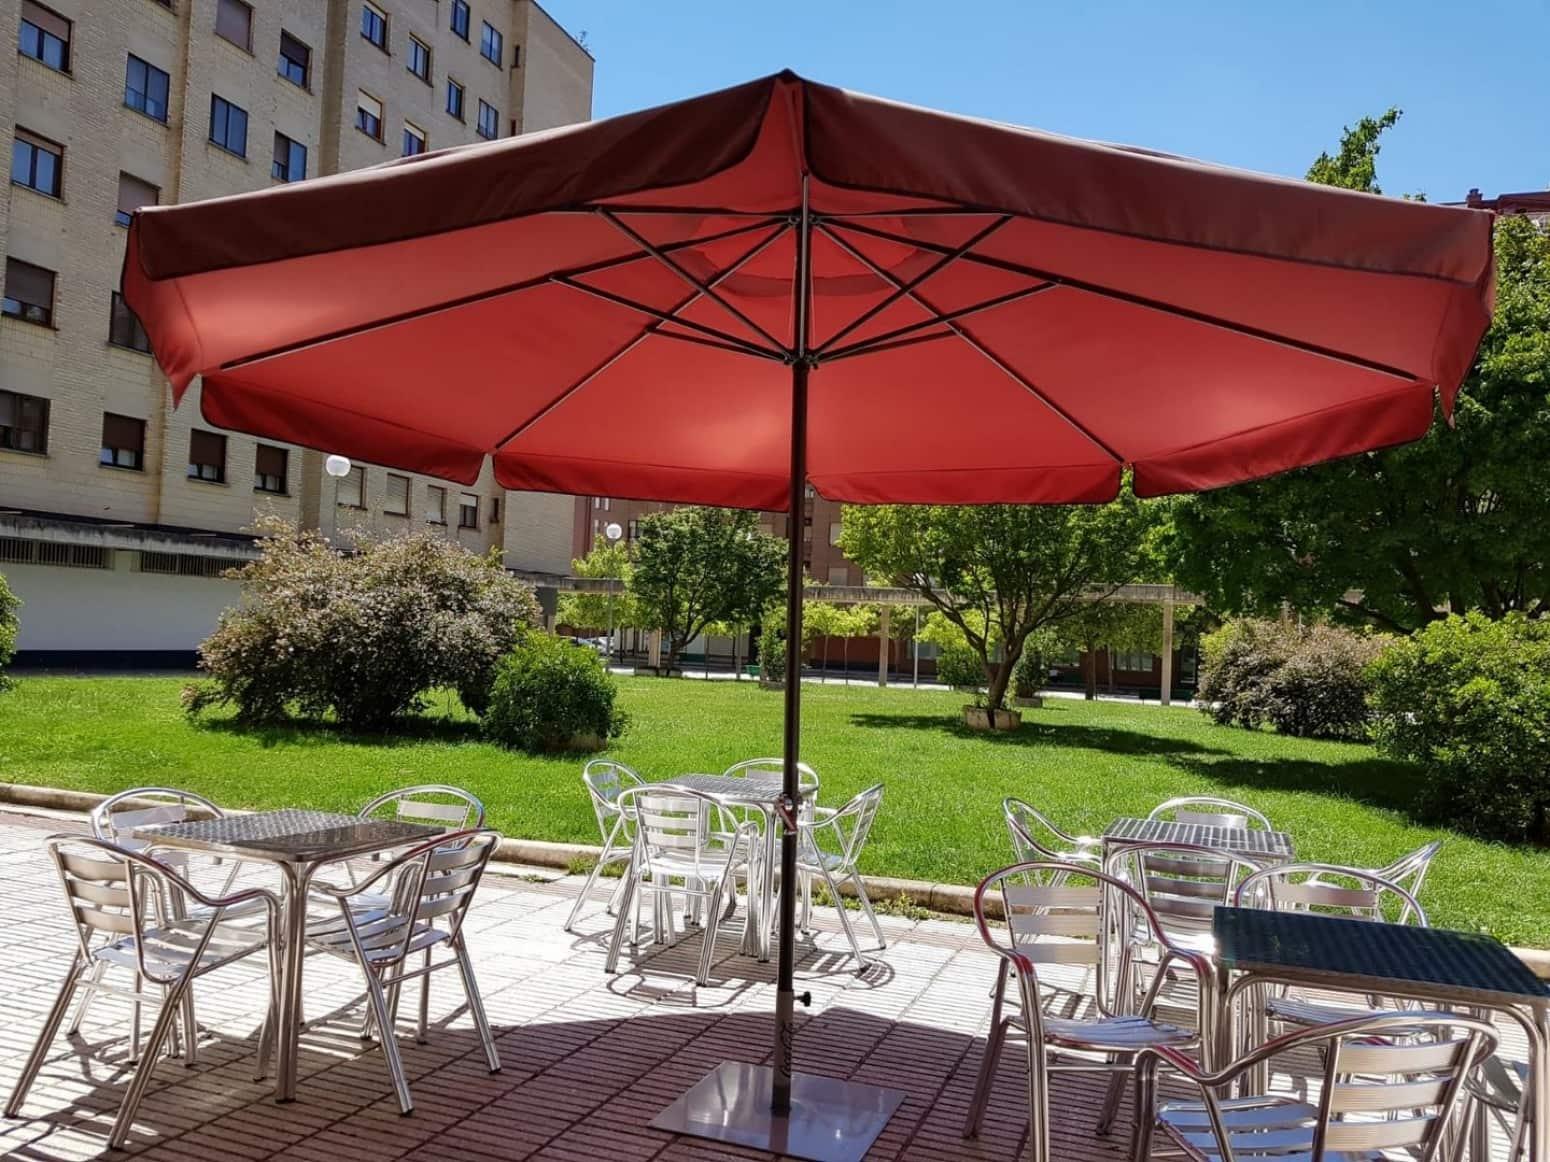 Local Comercial en Pamplona / Iruña en venta - 395.000 € (Ref: 4851024)